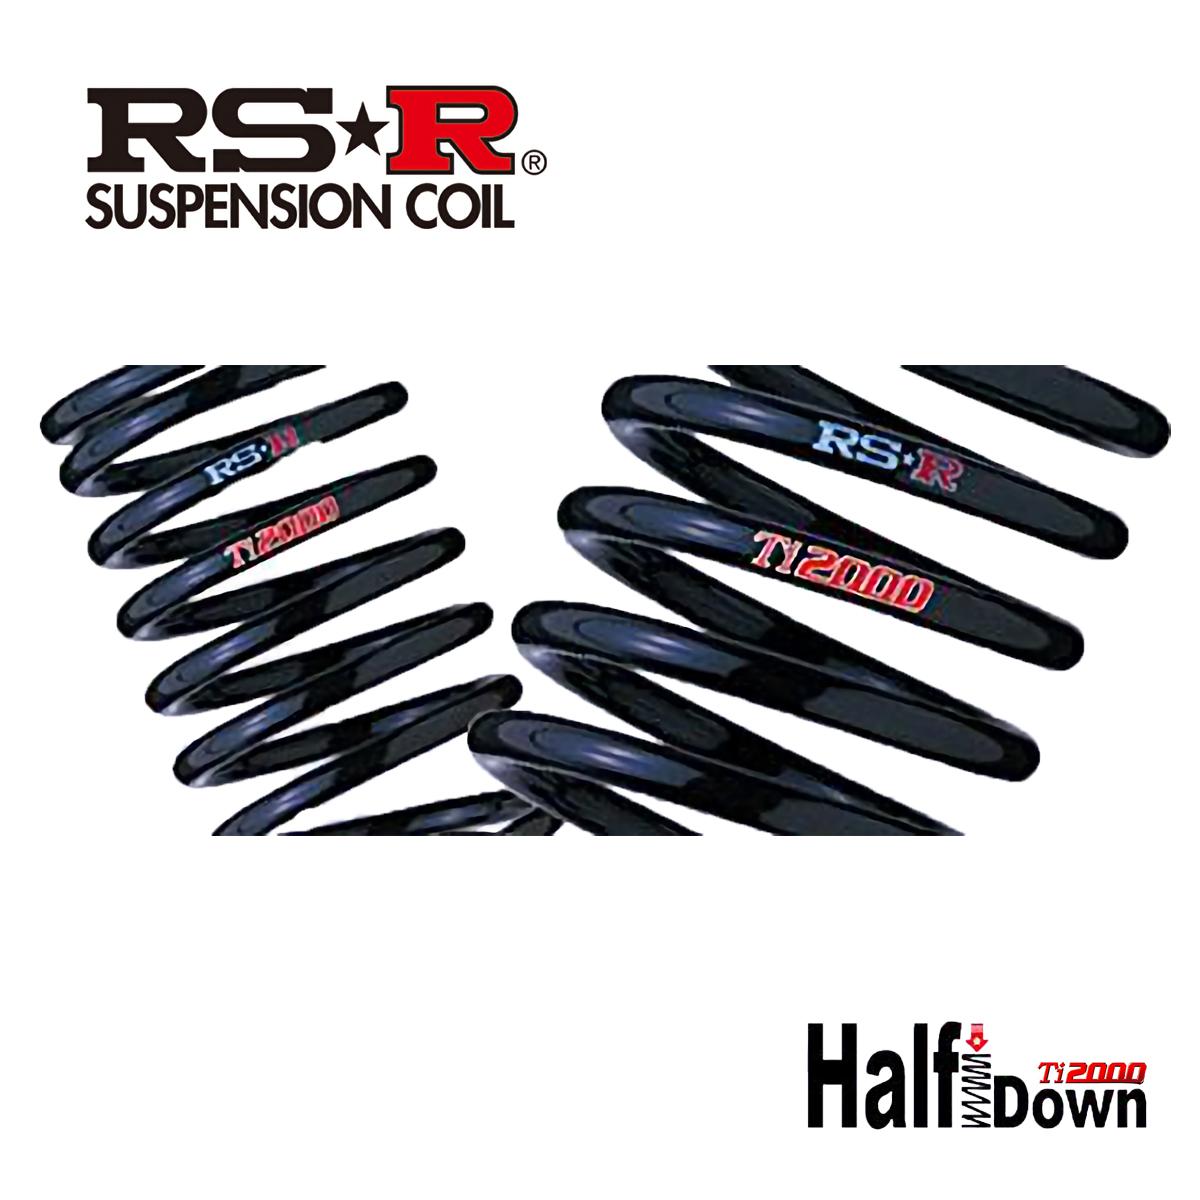 RS-R キャスト アクティバG/ターボ/SA LA250S ダウンサス D250TD Ti2000 ダウン RSR 個人宅発送追金有